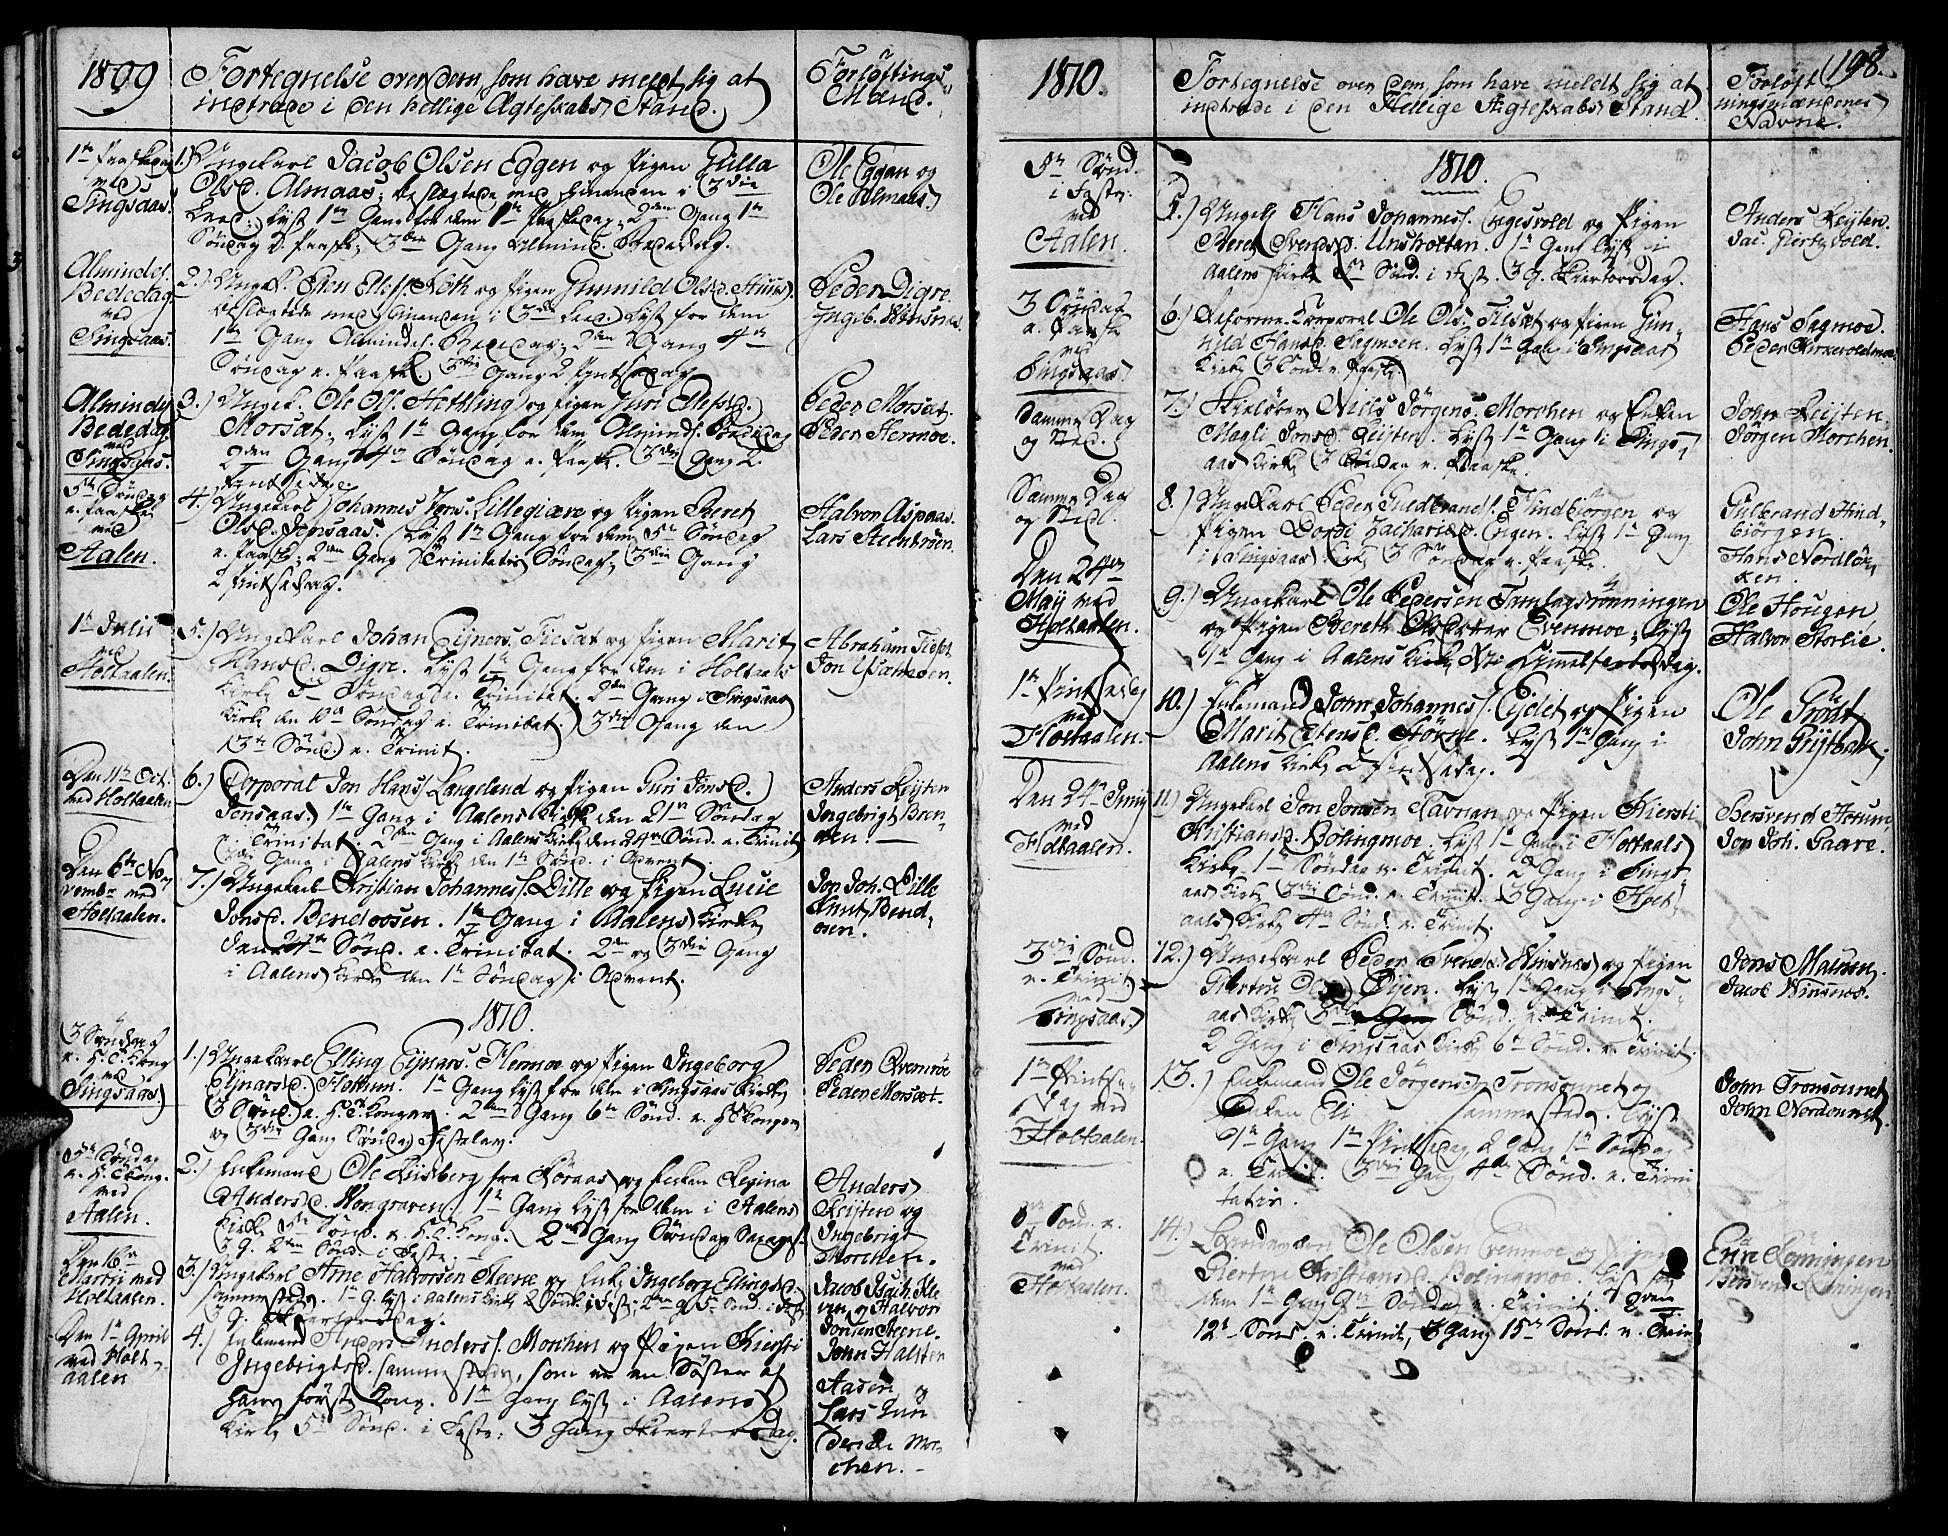 SAT, Ministerialprotokoller, klokkerbøker og fødselsregistre - Sør-Trøndelag, 685/L0953: Ministerialbok nr. 685A02, 1805-1816, s. 198